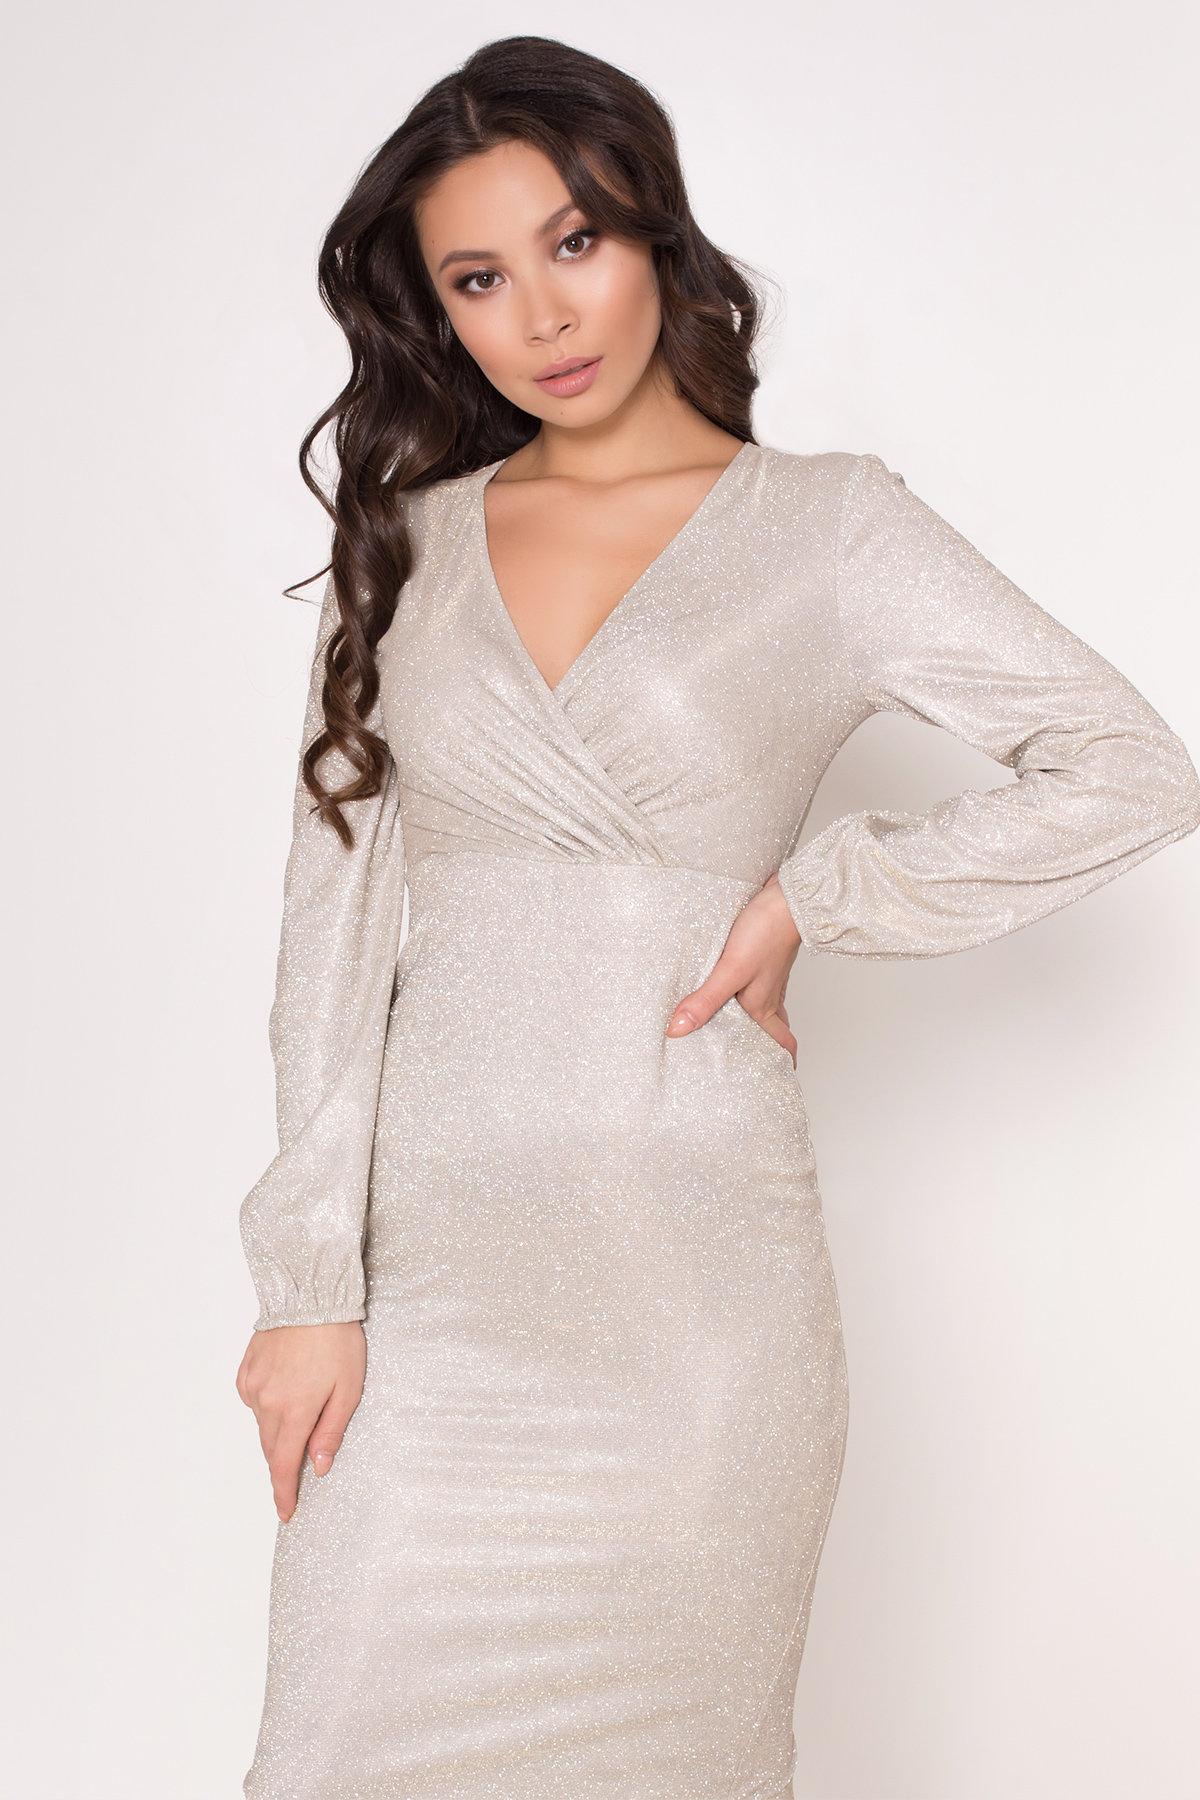 Нарядное платье с люрексом Фаселис 8527 АРТ. 44895 Цвет: Серебро/золото - фото 7, интернет магазин tm-modus.ru